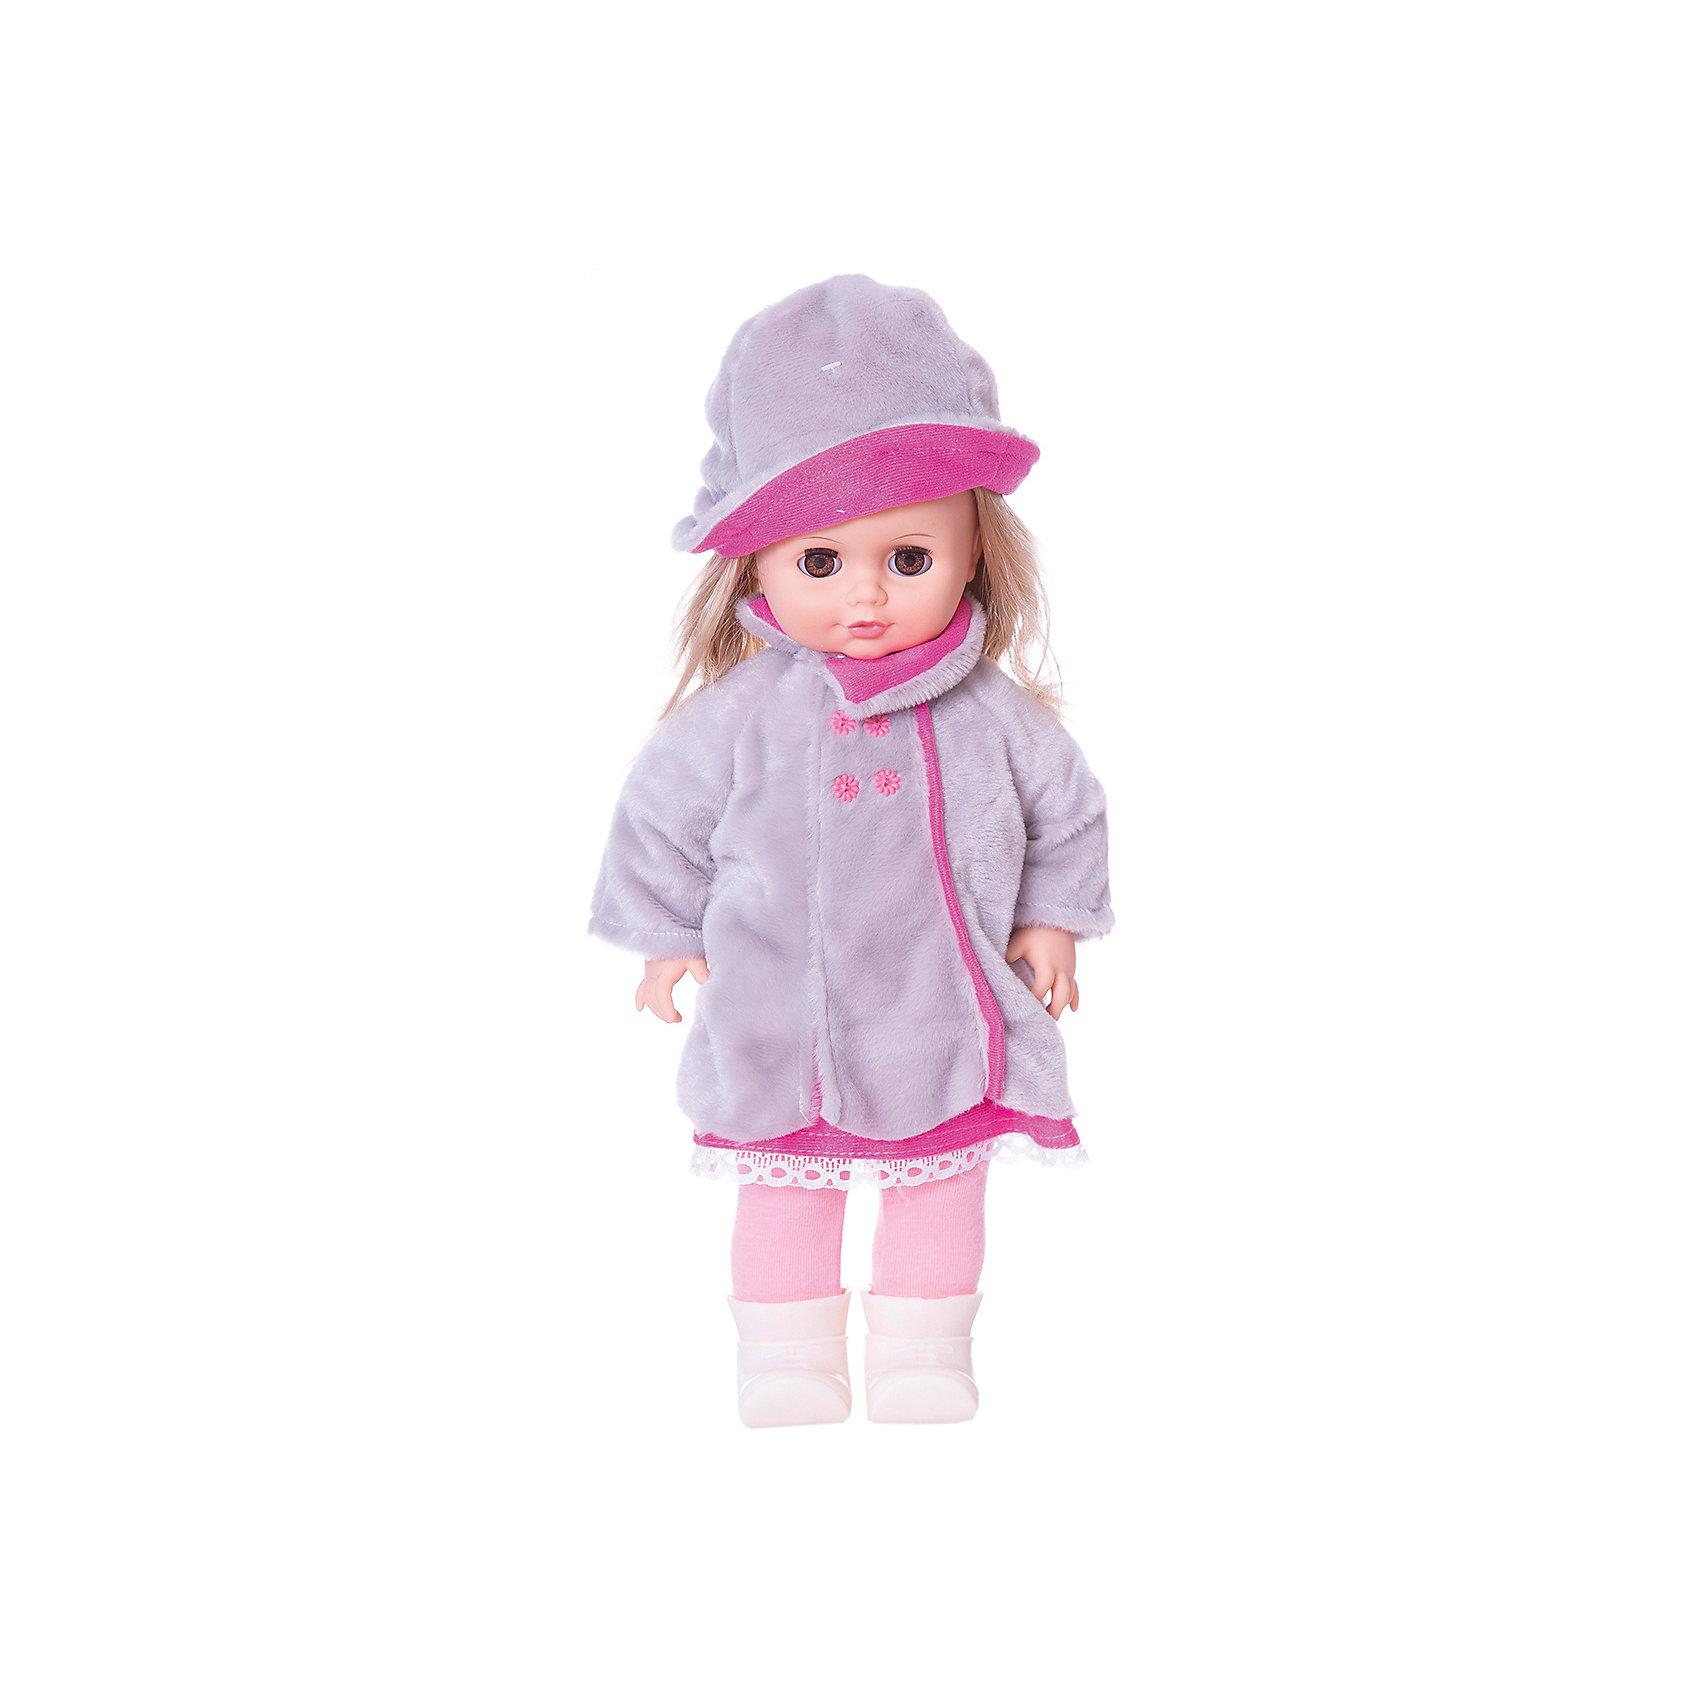 Весна Кукла Инна 13, со звуком, Весна кукла весна инна в куртке со звуком 43 см